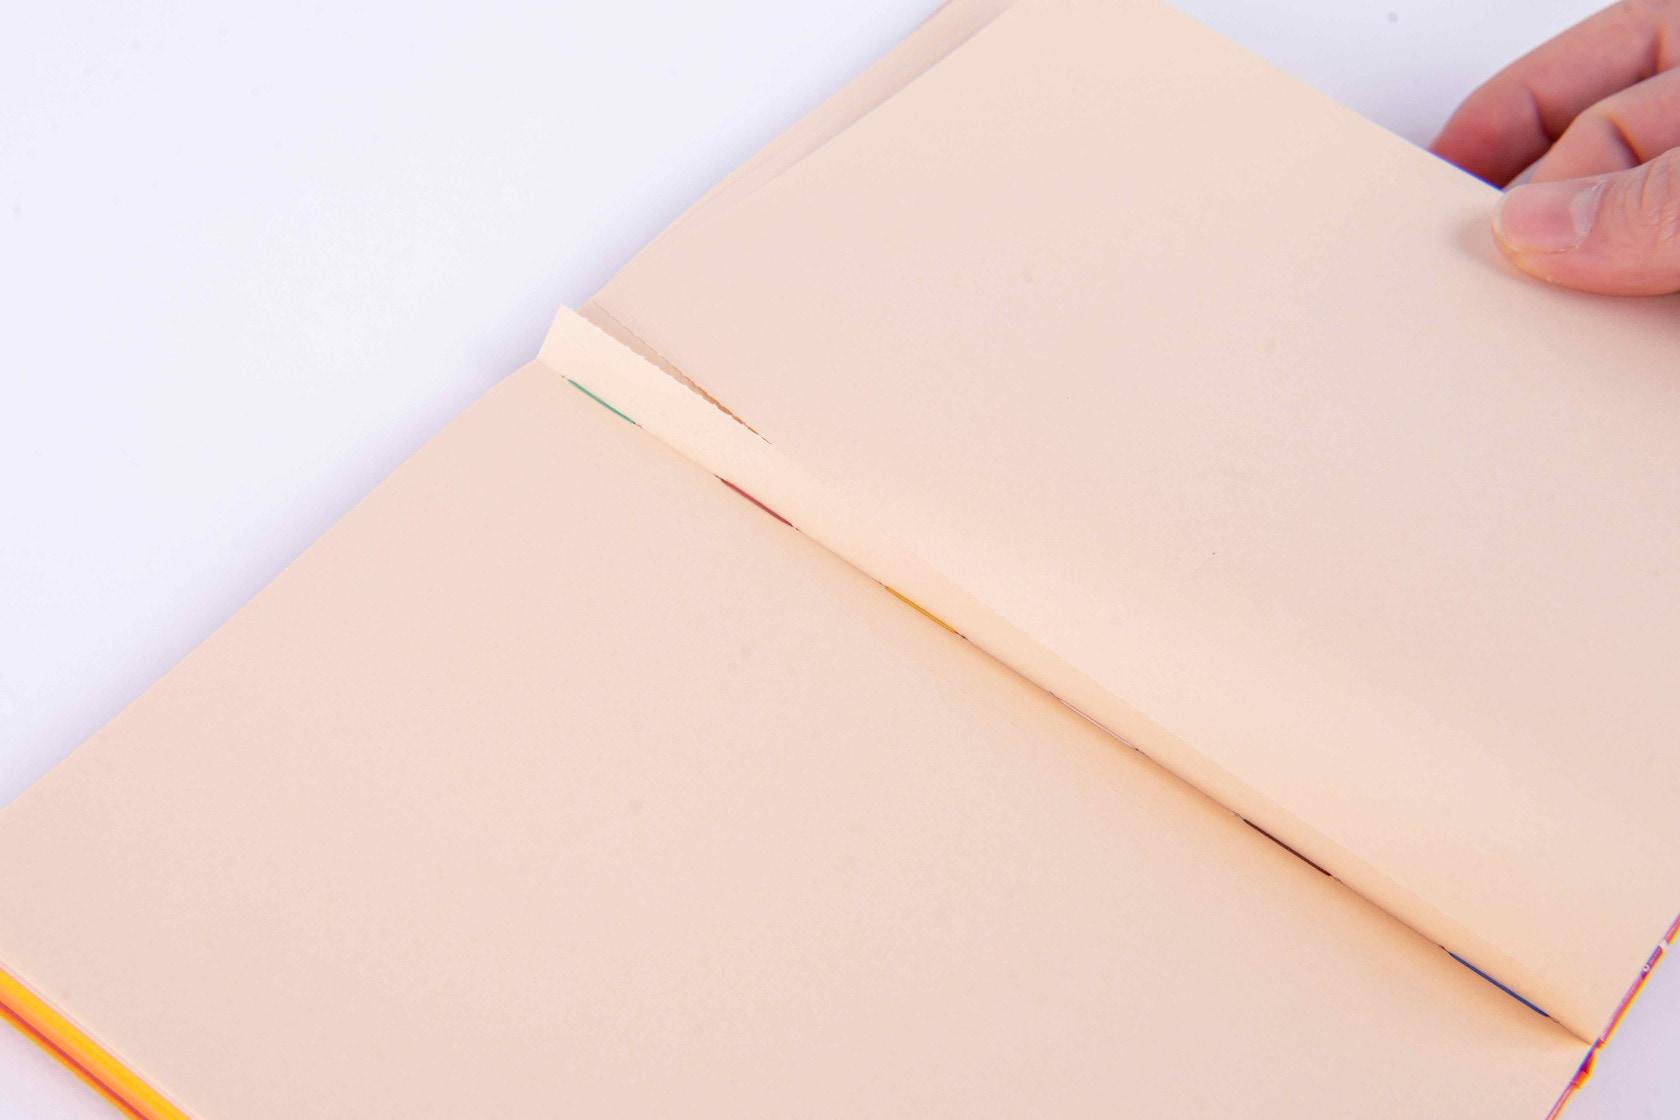 ミシン目が付いて切り取りできるノート,booco DELICIOUS COLOR ハードカバー